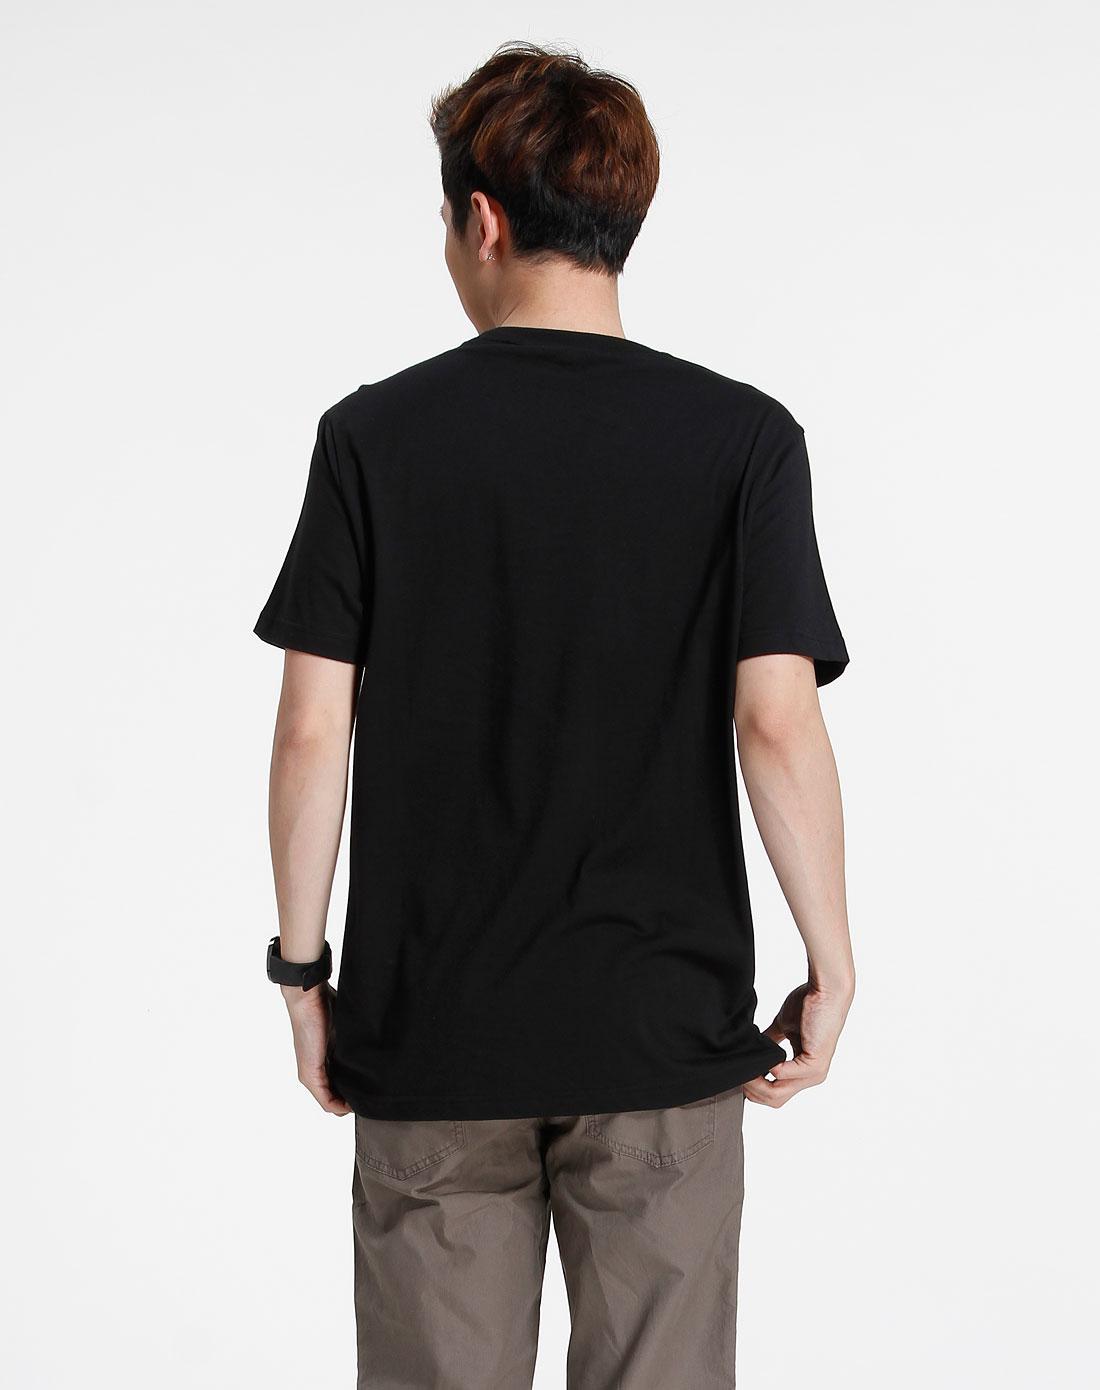 森马-男装黑色印图休闲短袖t恤002151098-900图片